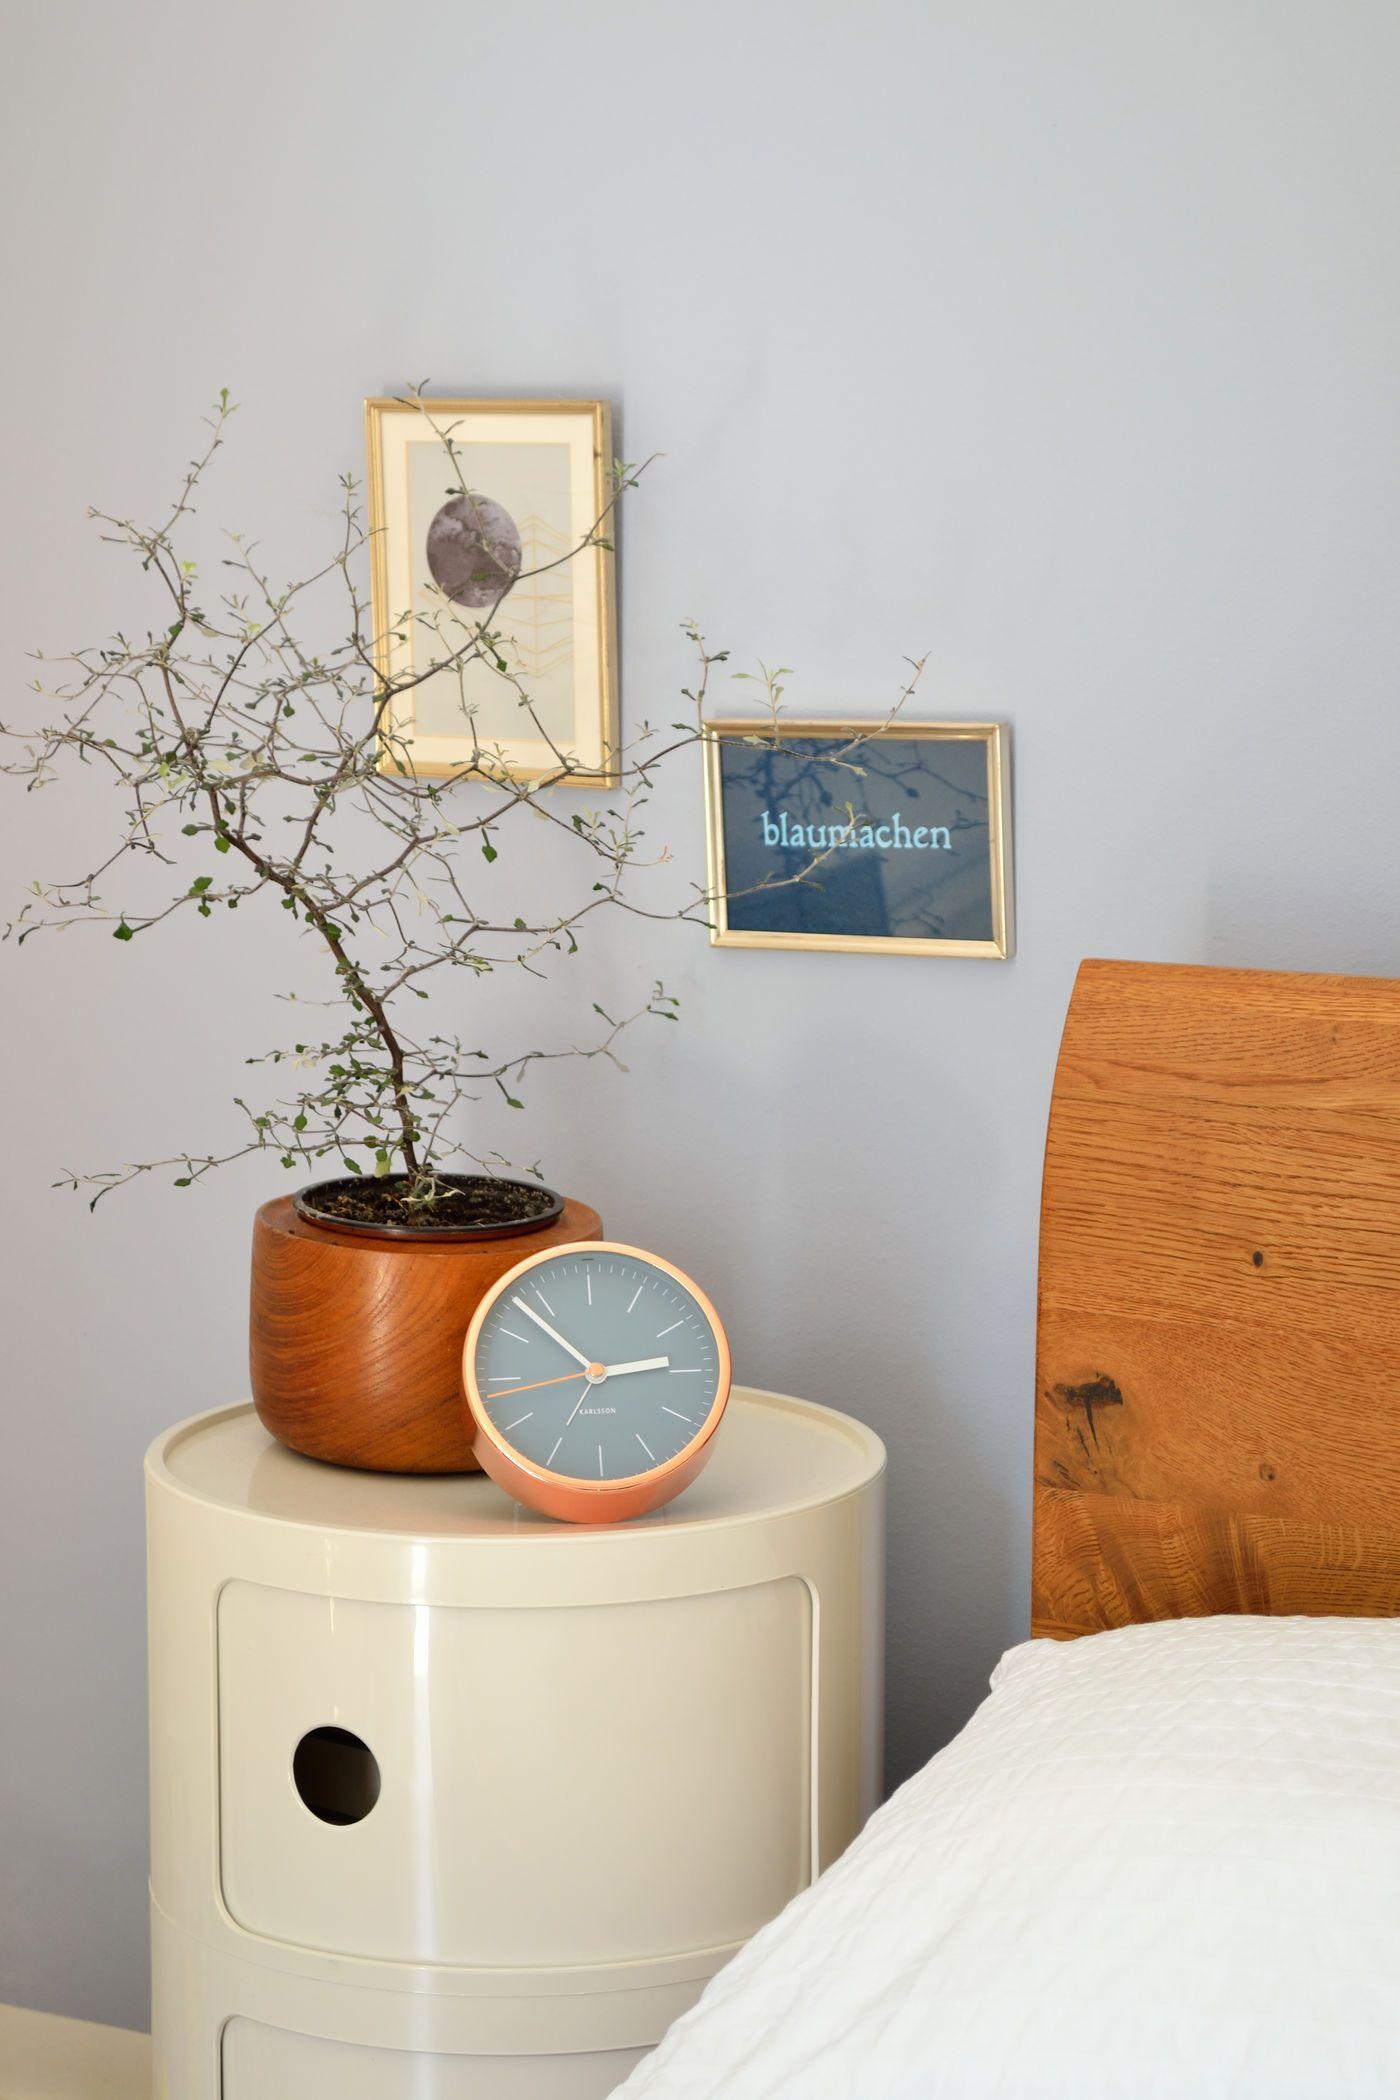 welche farbe passt zu blau warme farben stehen warmen. Black Bedroom Furniture Sets. Home Design Ideas